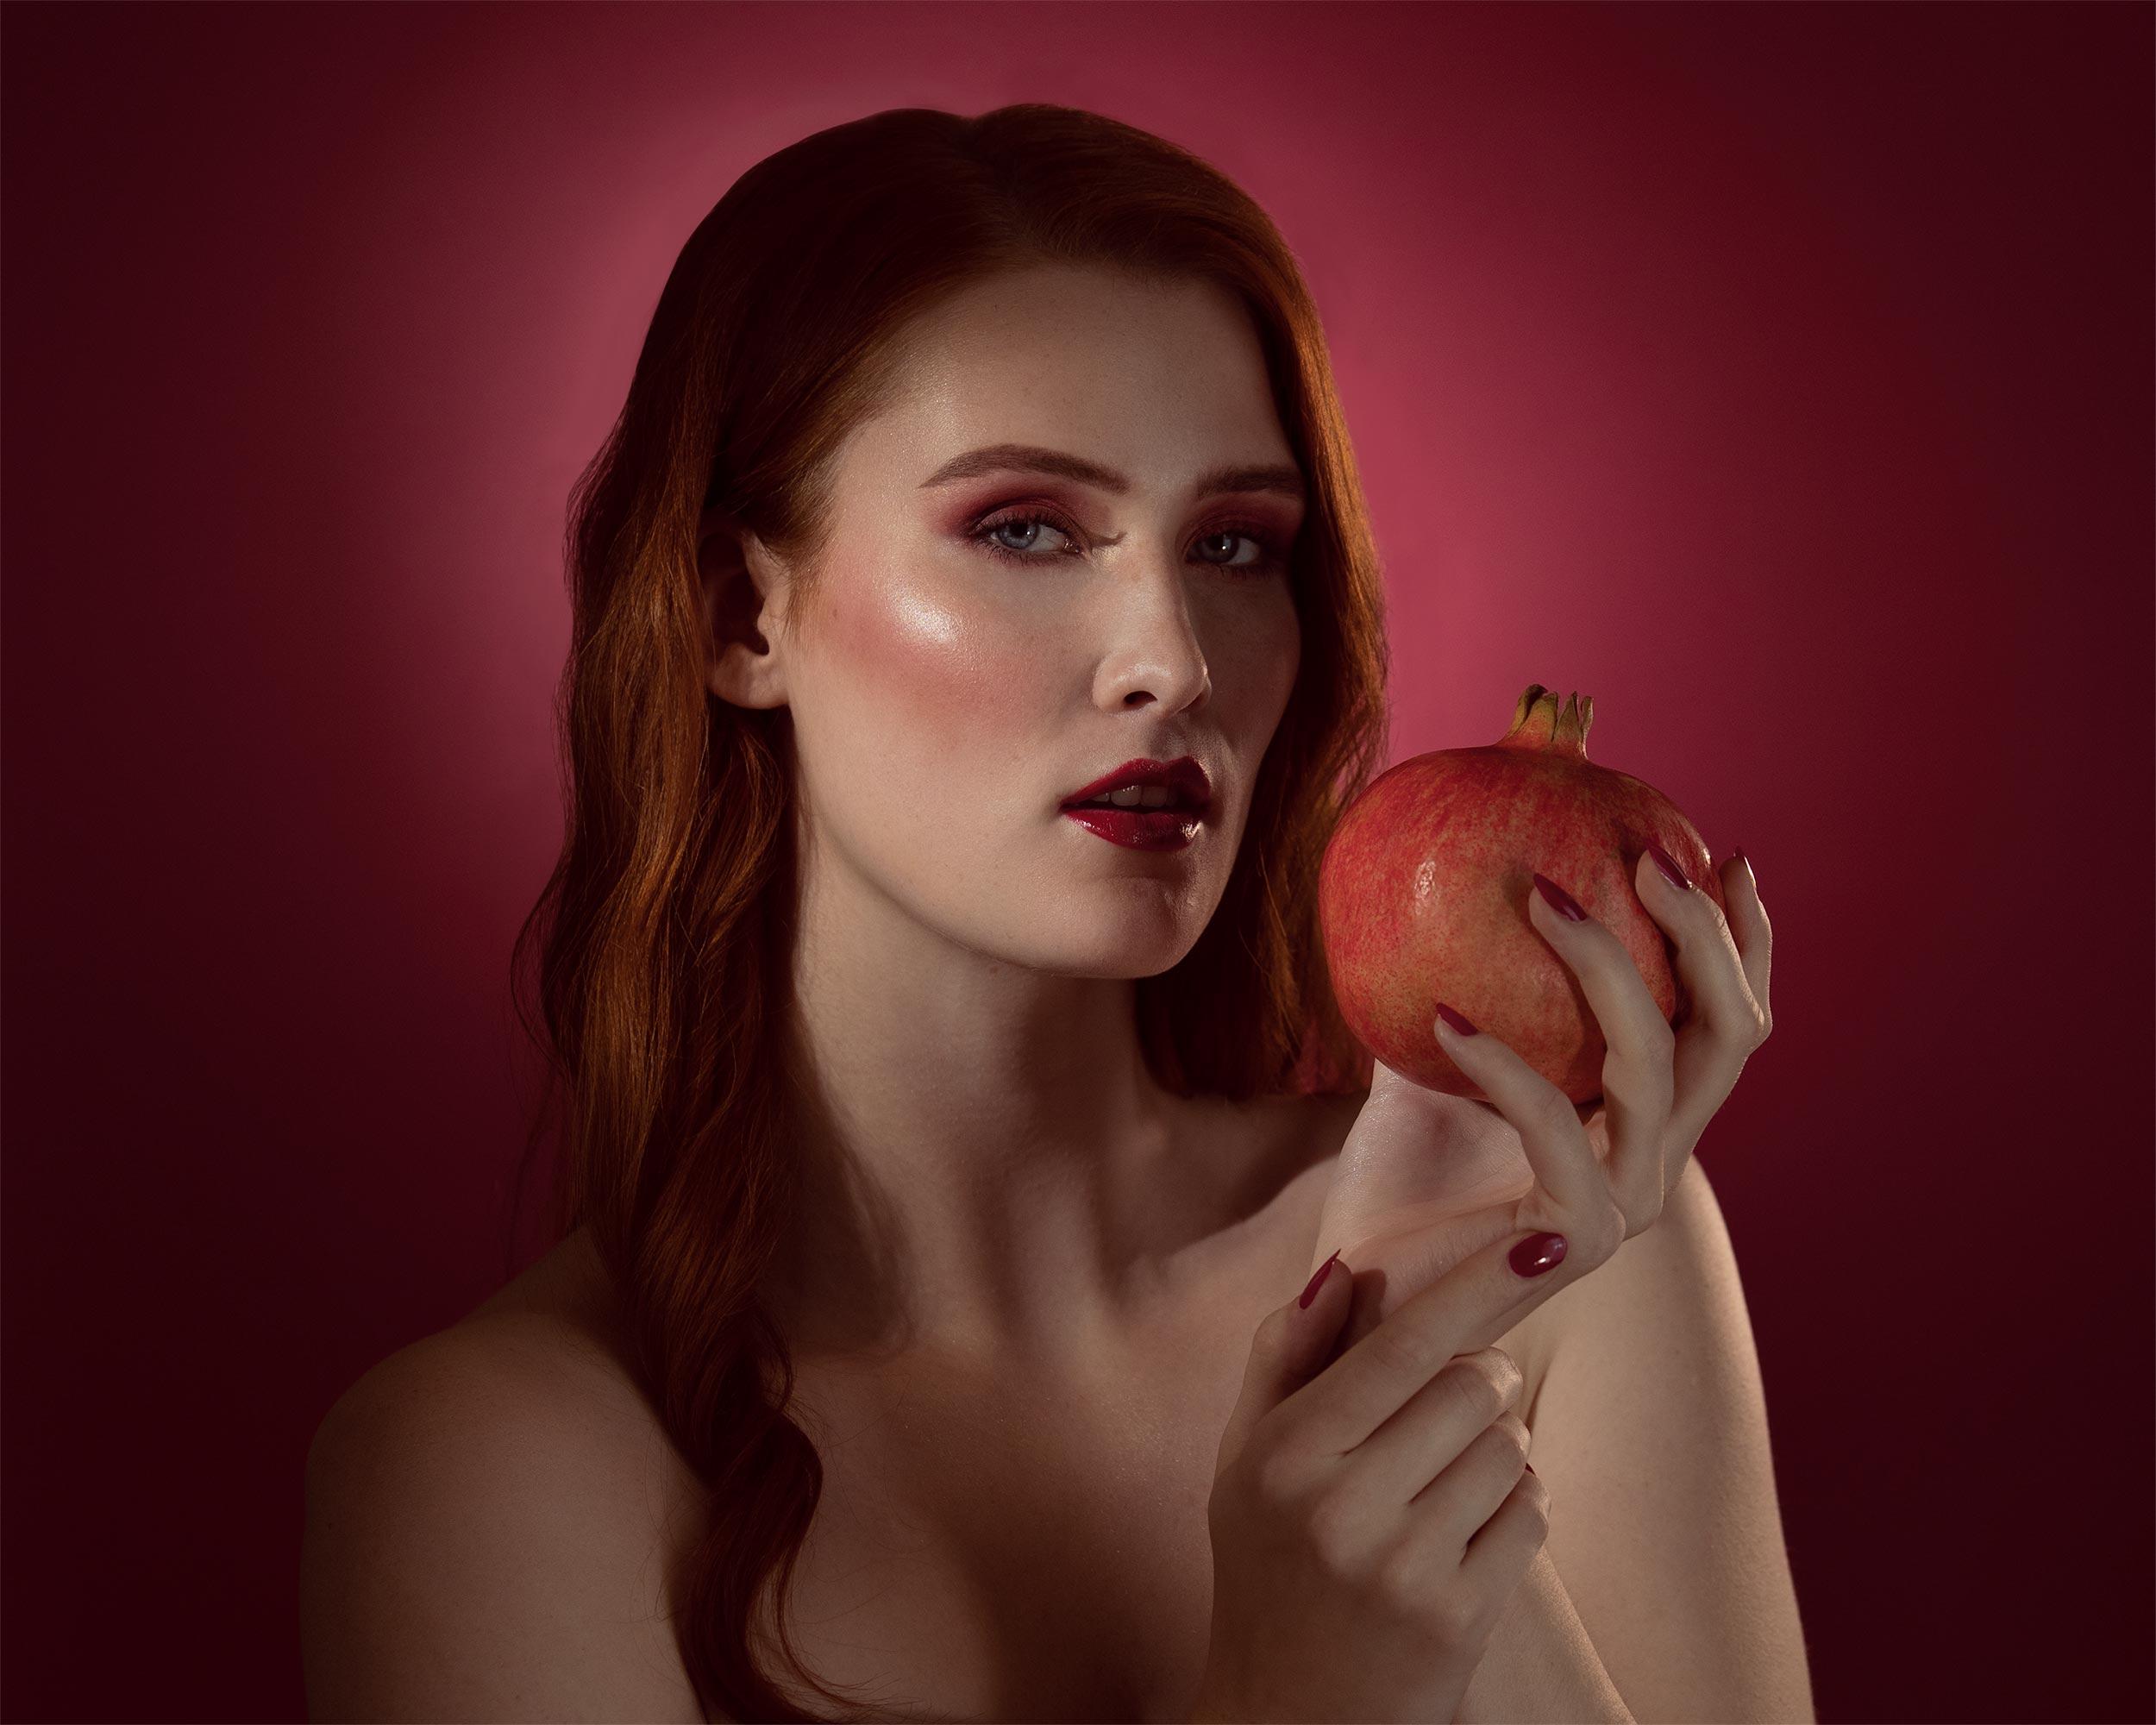 Forbidden Fruit Shooting | Fotografie Ruhrgebiet - Jill Abanico